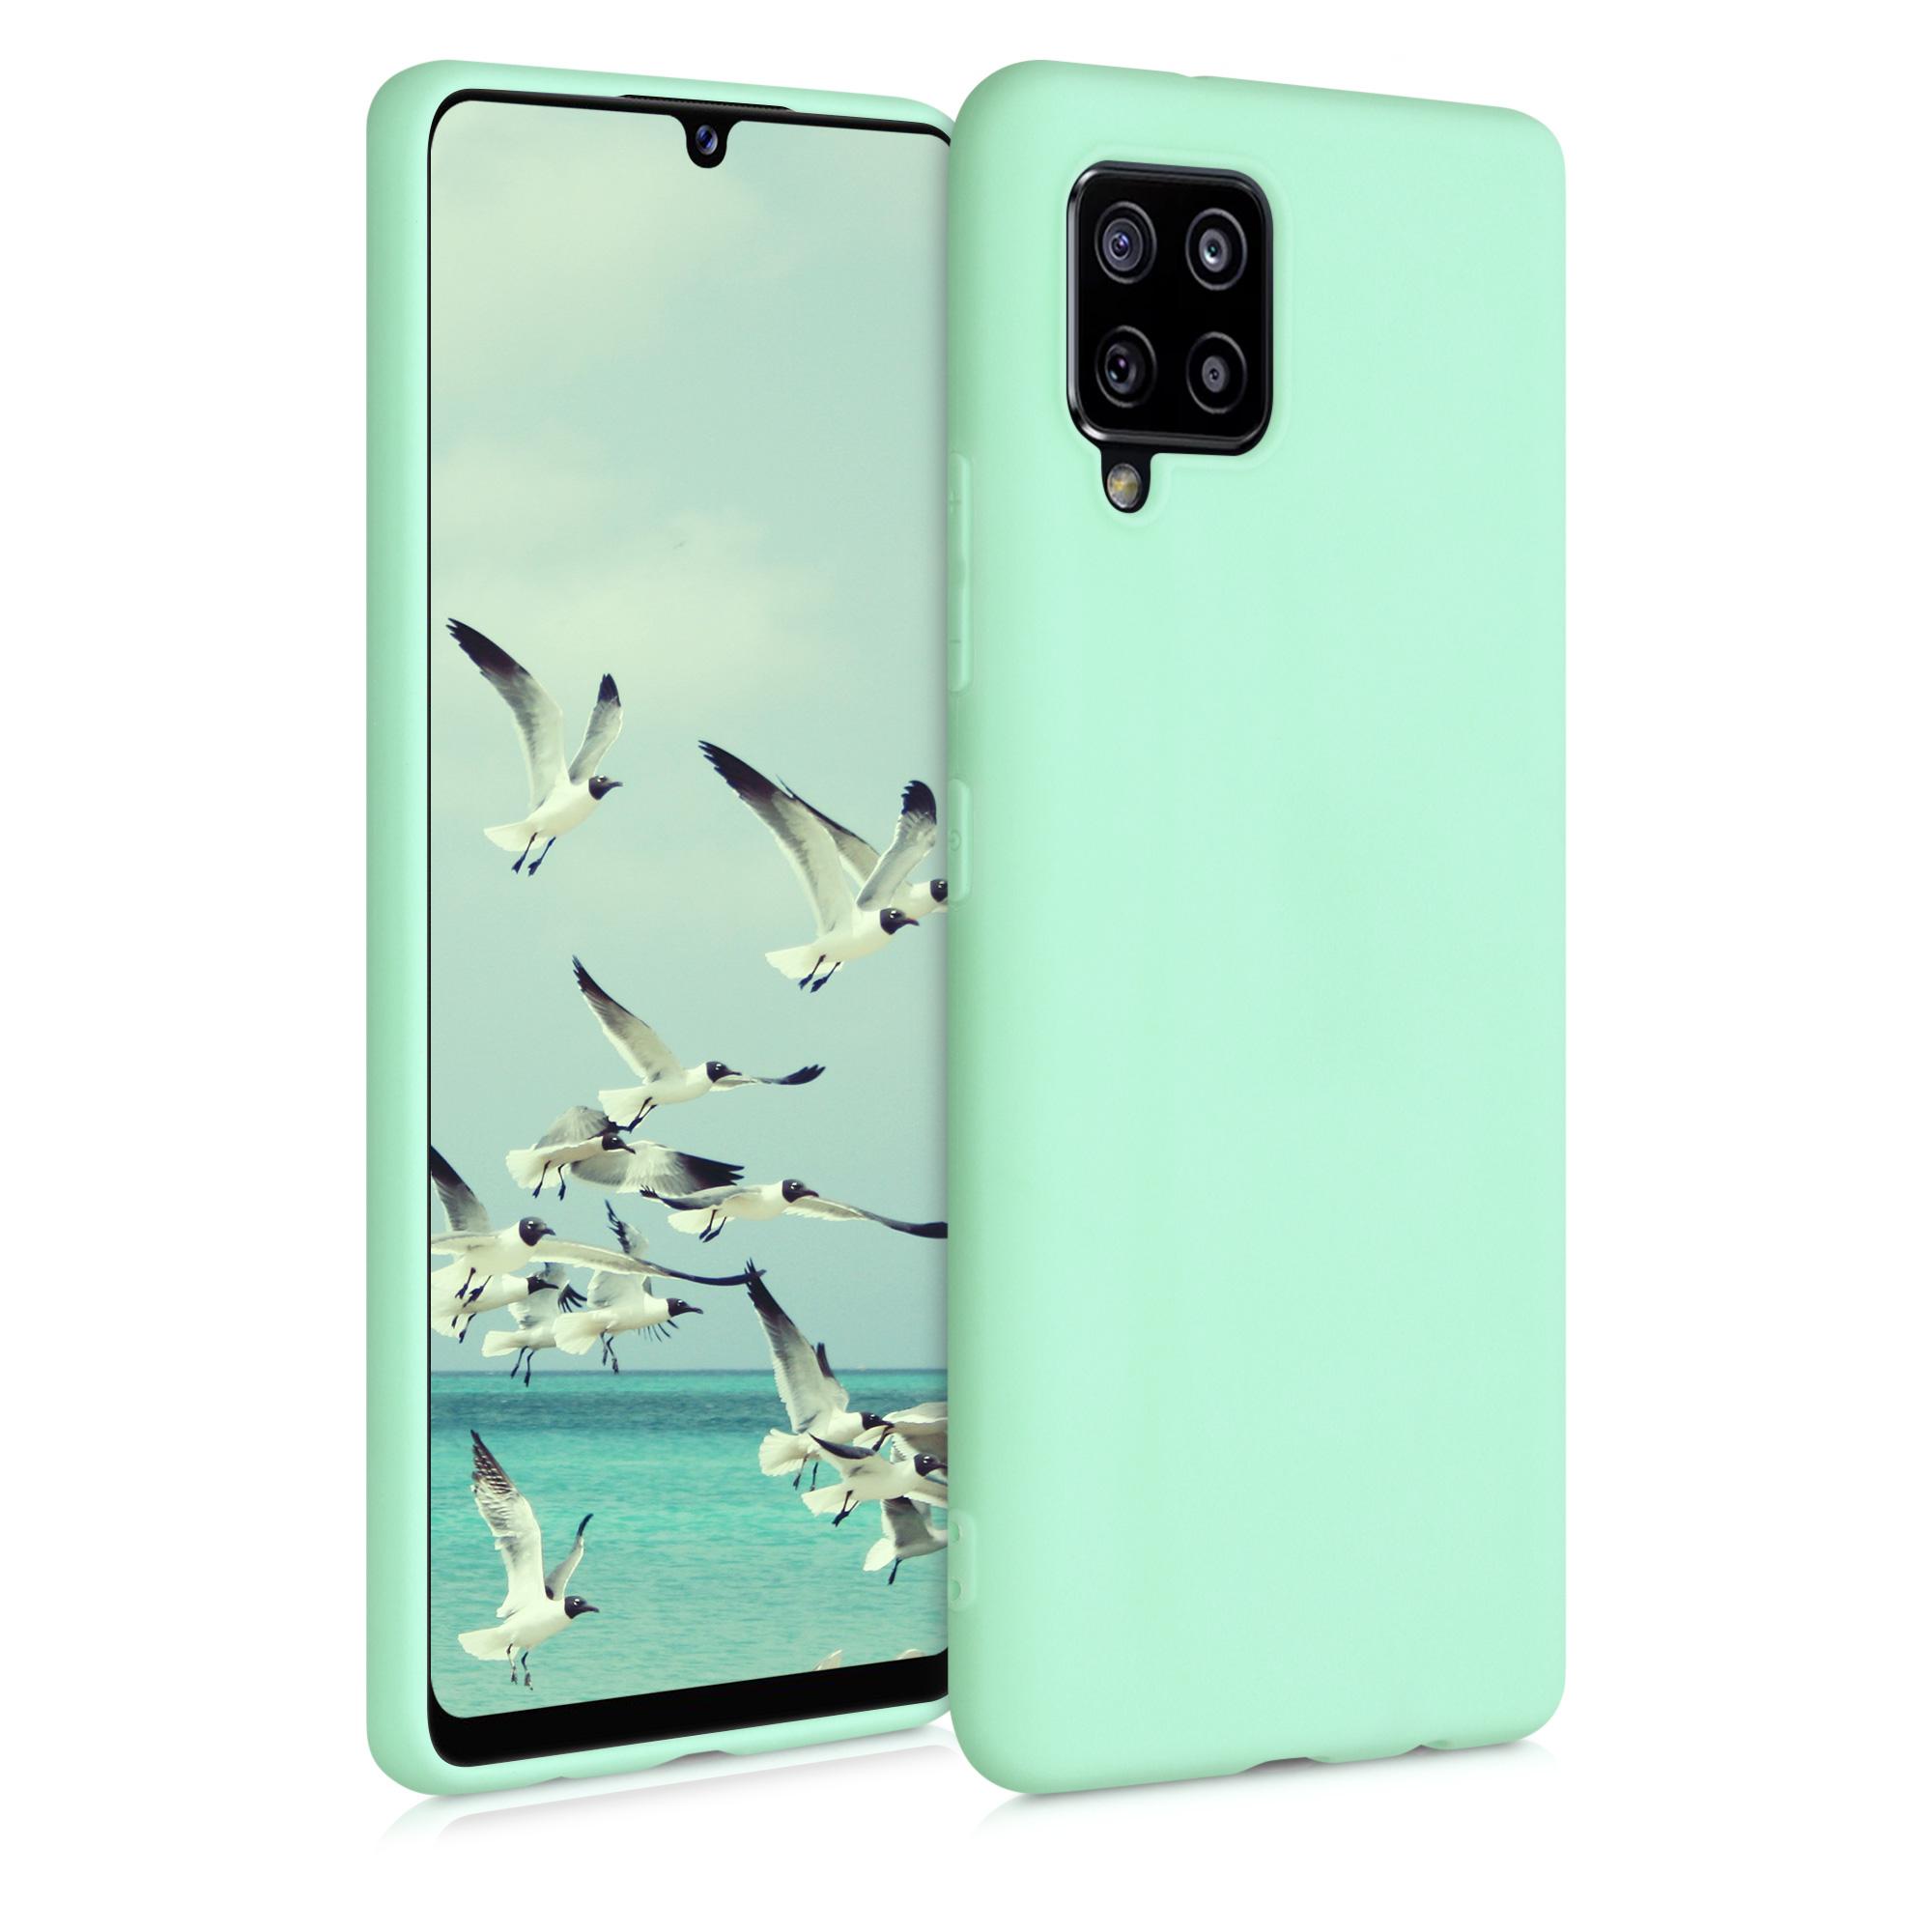 Kvalitní silikonové TPU pouzdro pro Samsung A42 5G - mint zelené matné